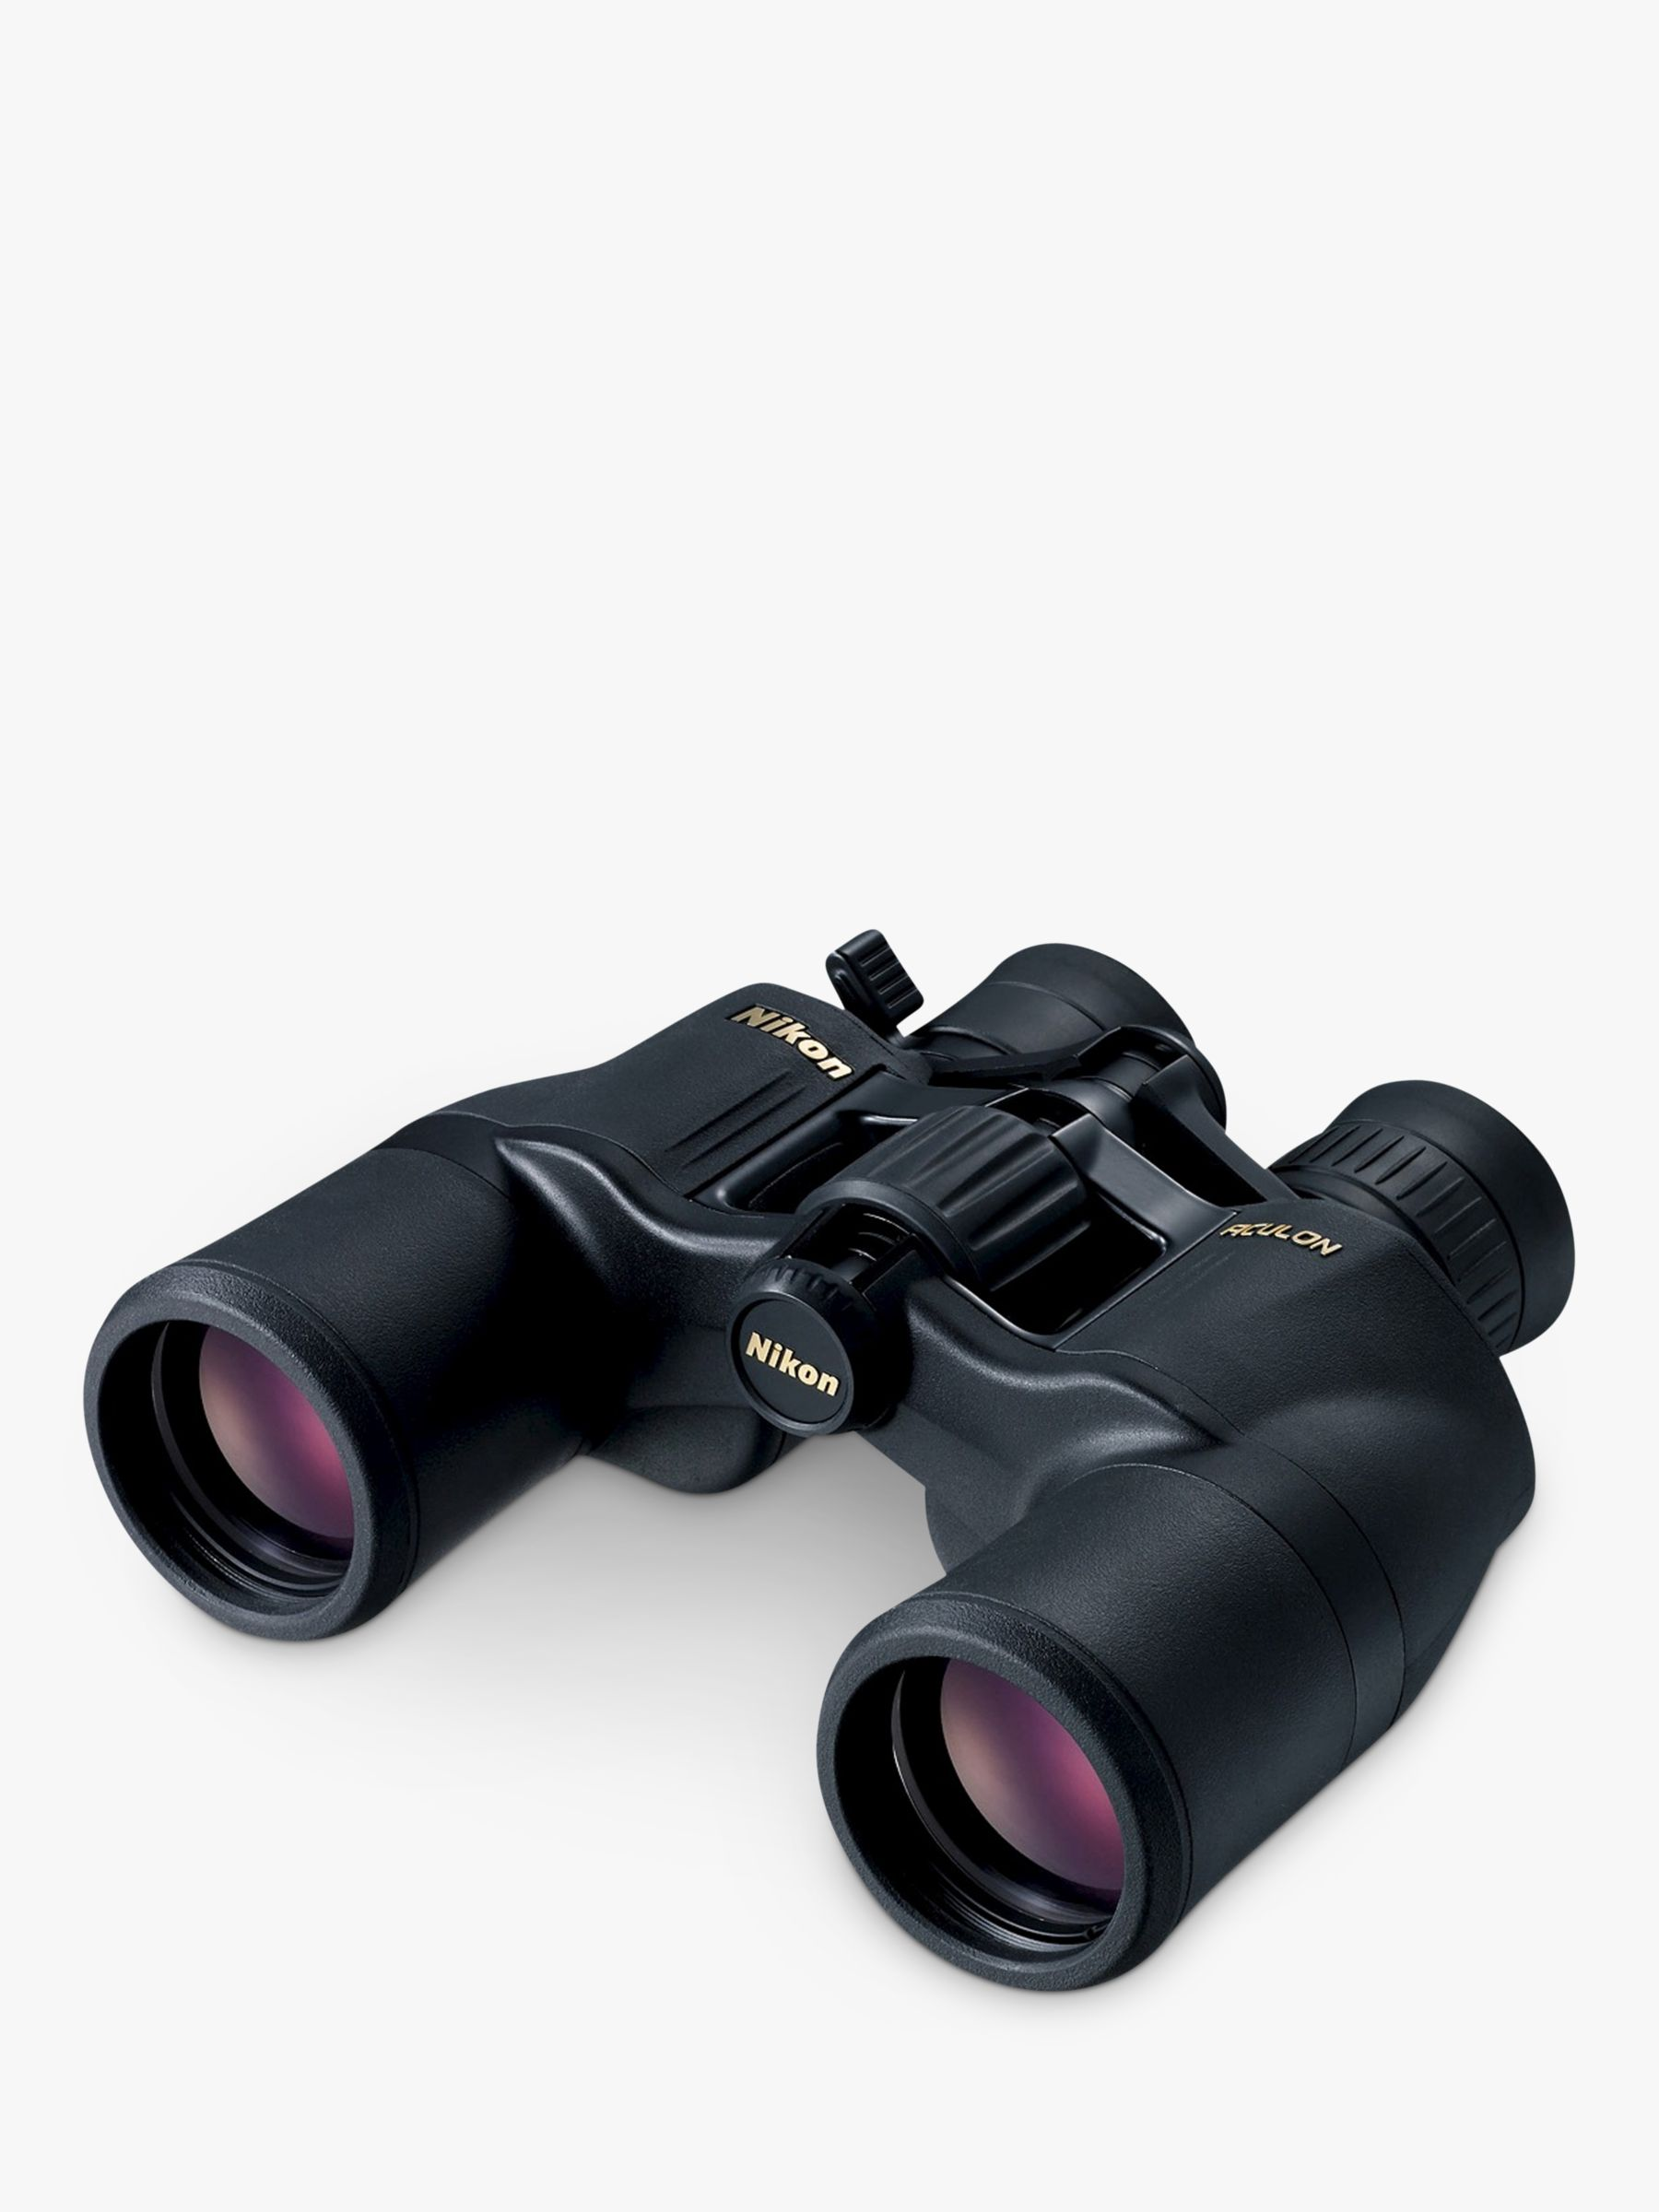 Nikon Nikon Aculon A211 Binoculars, 8-18 x 50, Black